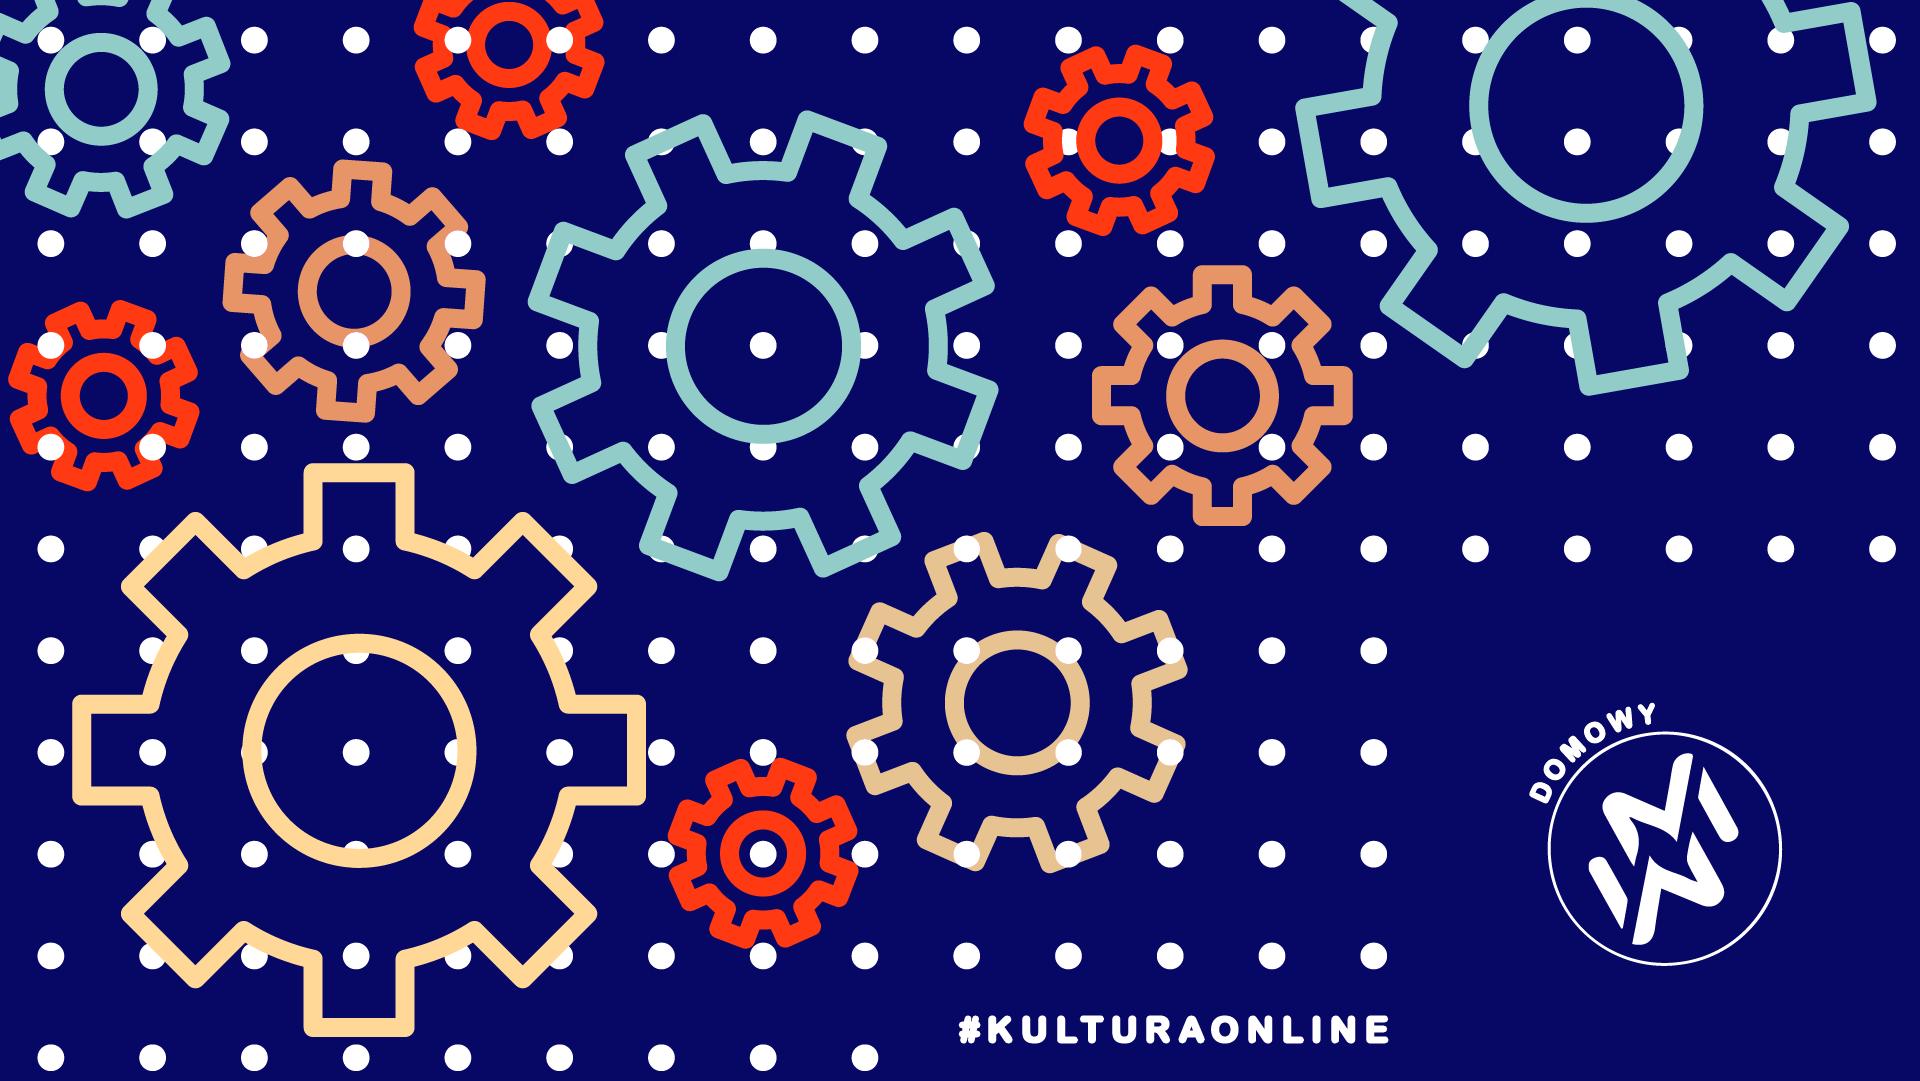 grafika reklamująca wydarzenie, ilustracja przedstawia kolorowe koła zębate na granatowym tle, logo domowy Warsztat Medialabowy, napis #kulturaonline